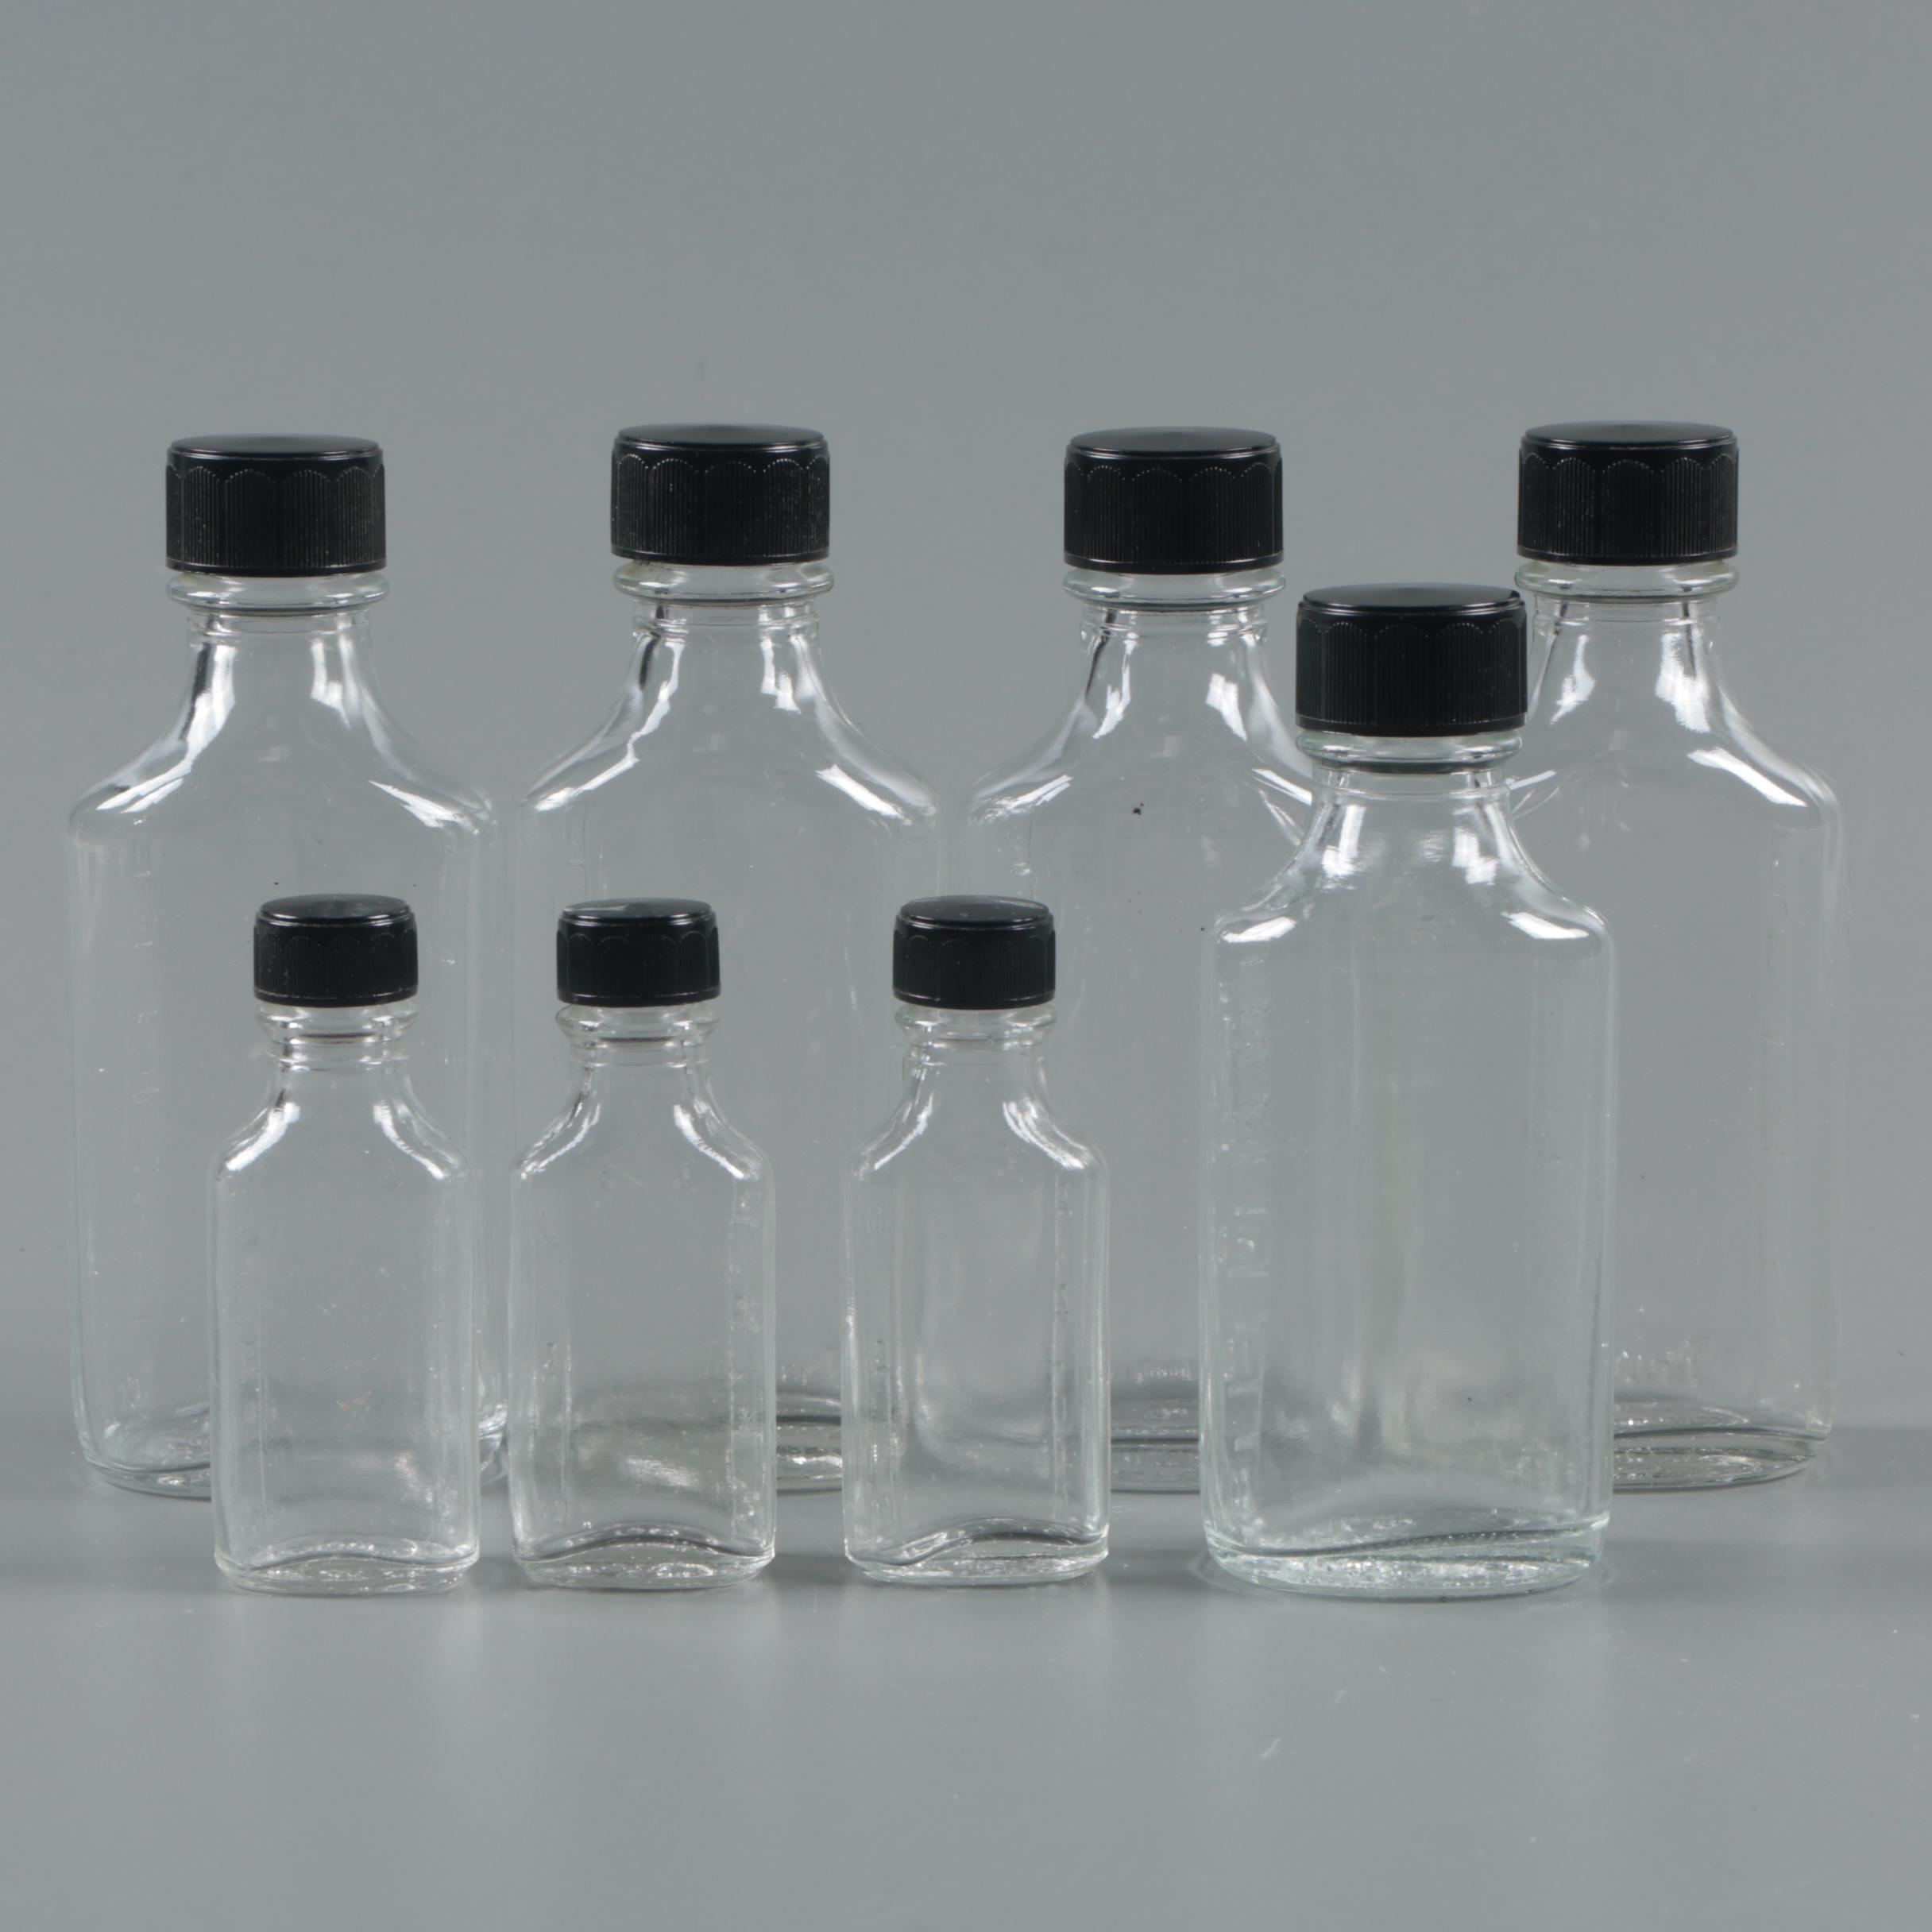 Duraglass Apothecary Bottles